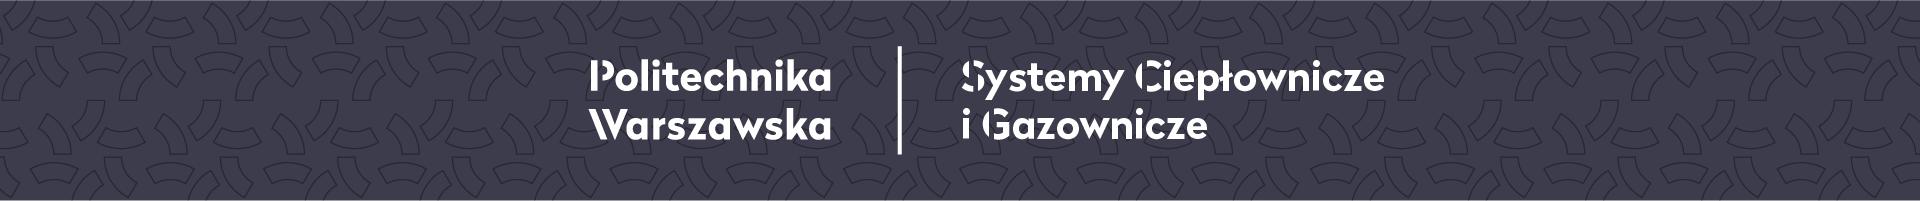 Systemy Ciepłownicze i Gazownicze